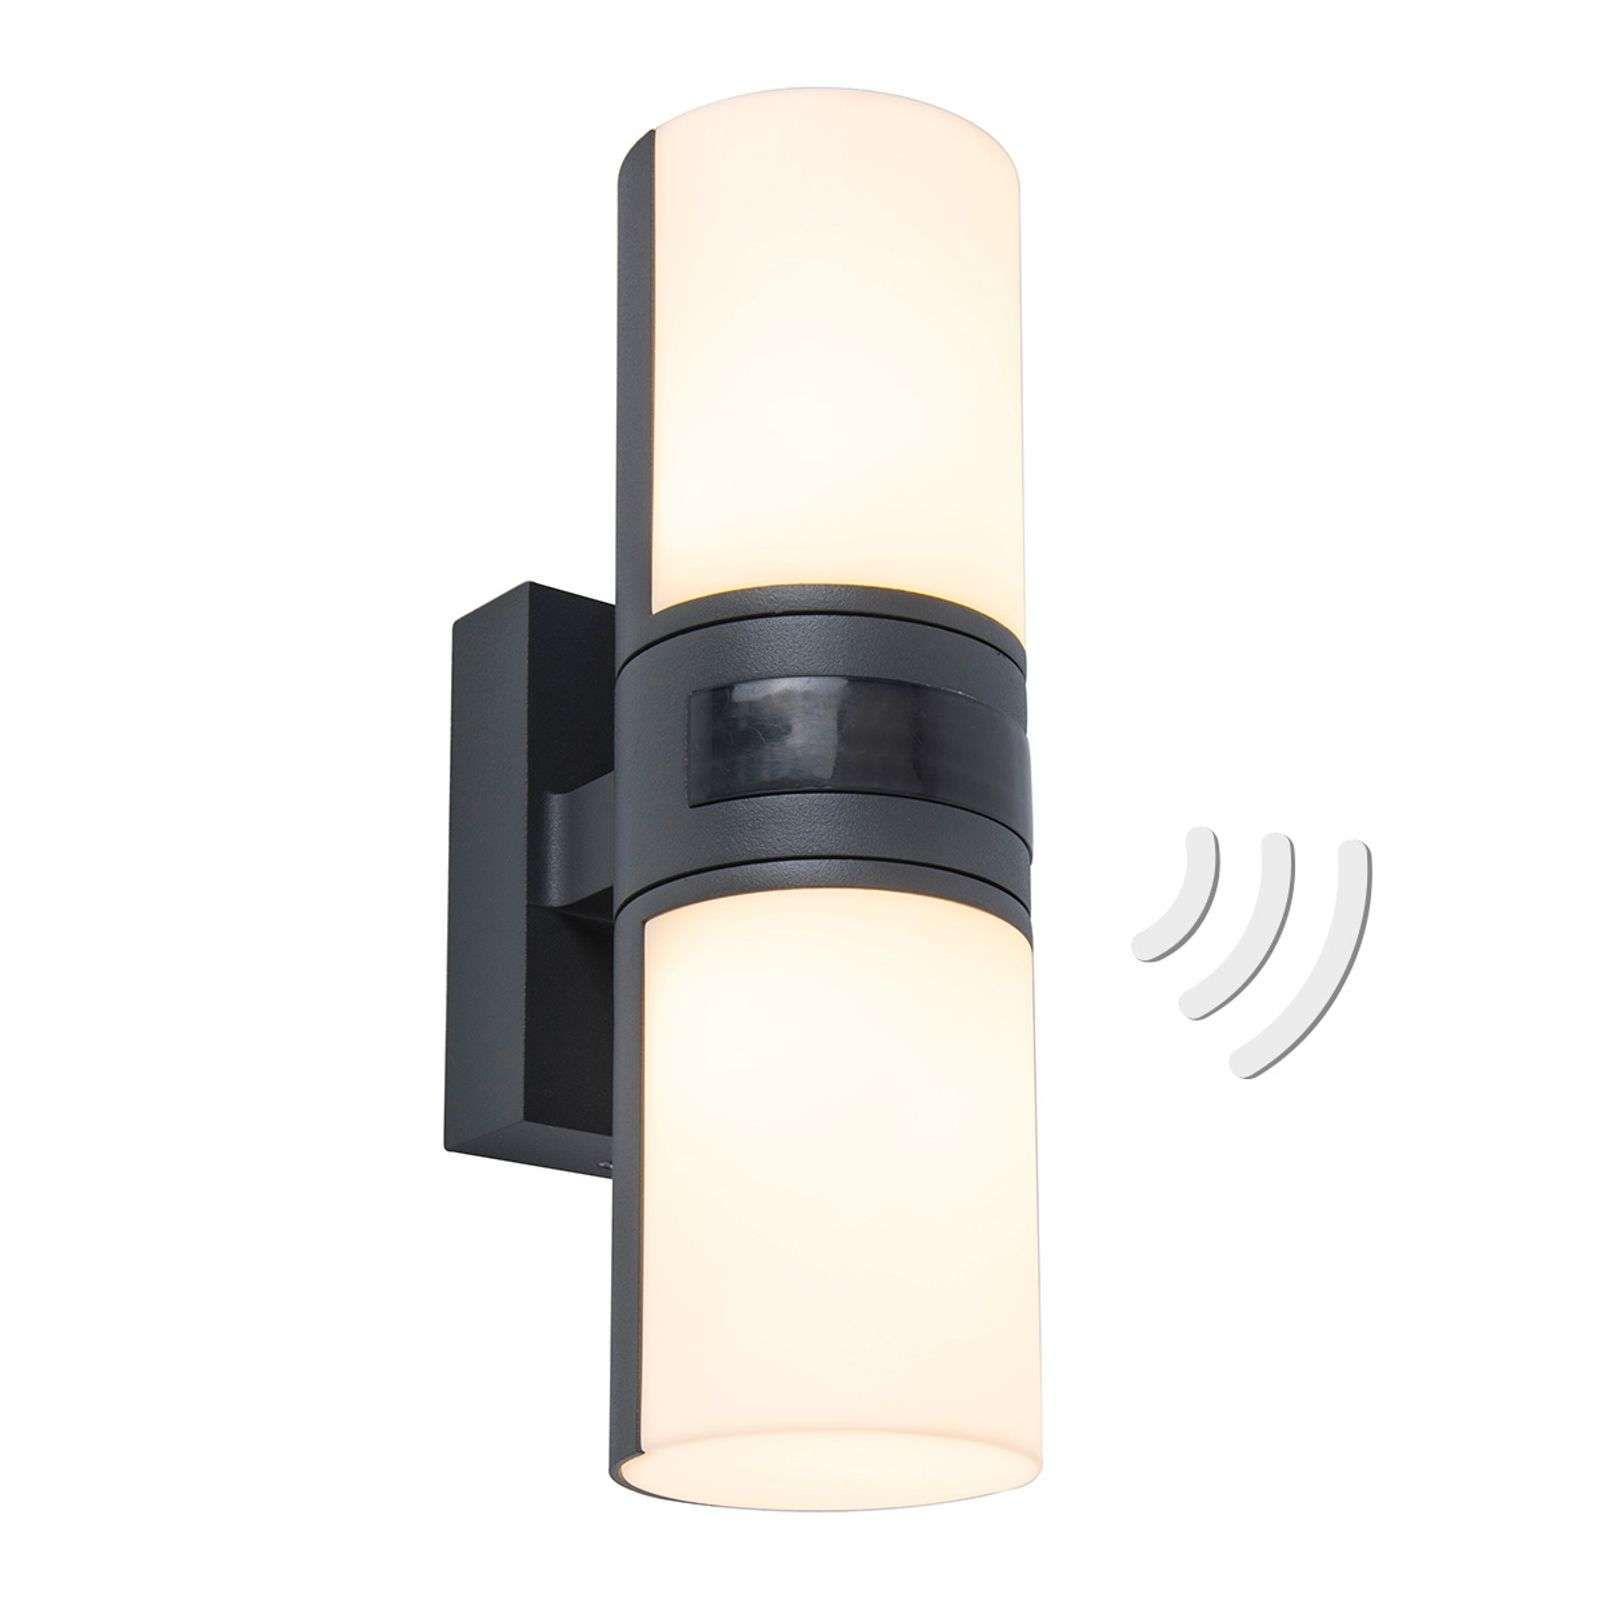 Moderne Aussenwandleuchte Cyra Von Eco Light Schwarz In 2020 Aussenwandbeleuchtung Aussenwandleuchte Wandleuchte